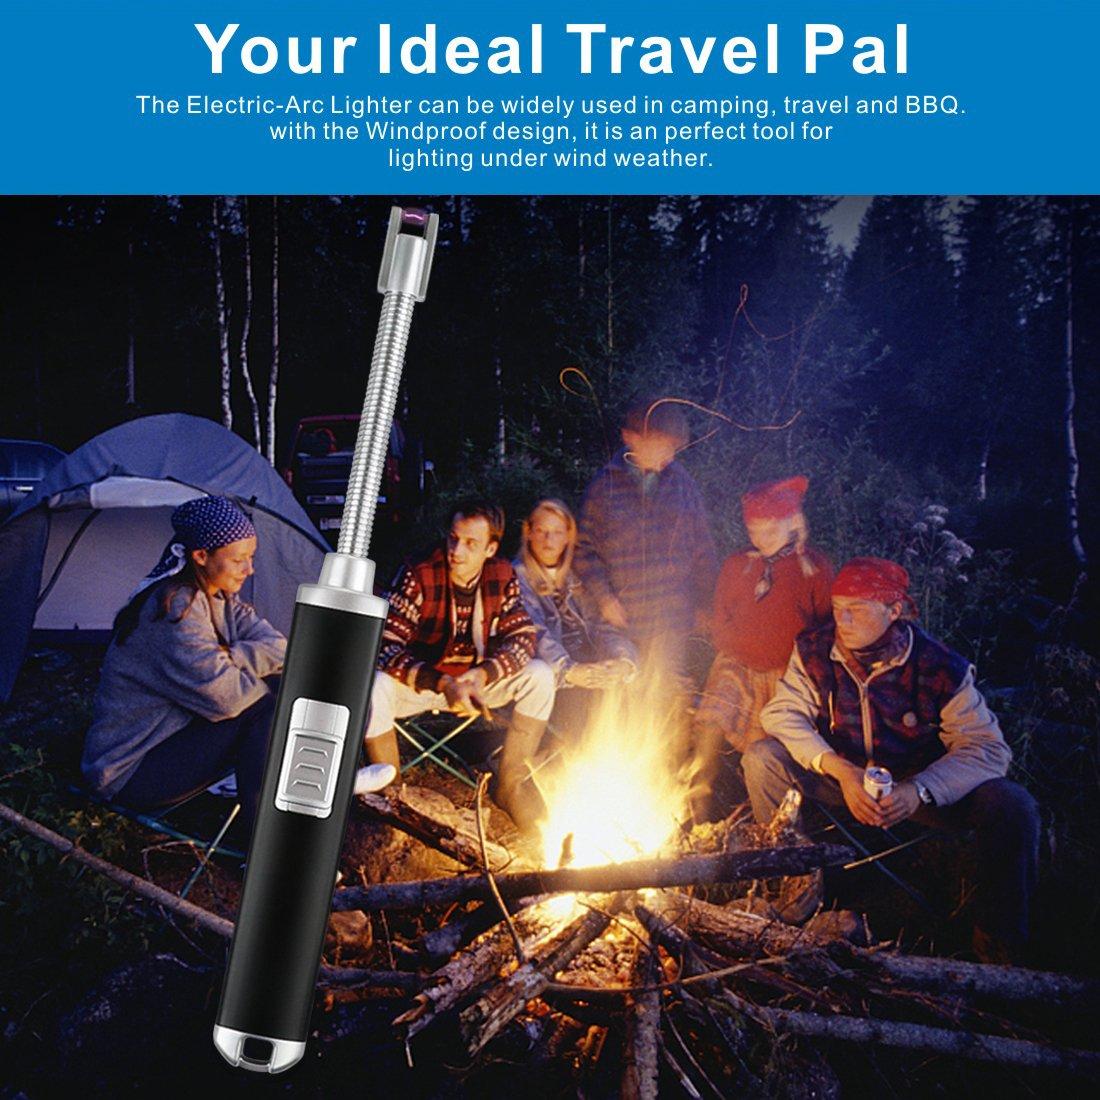 ... encendedor de velas recargable, sin llama, resistente al viento, flexible, haz de plasma para barbacoa, estufa de gas, cocina, camping, velas, bomberos, ...